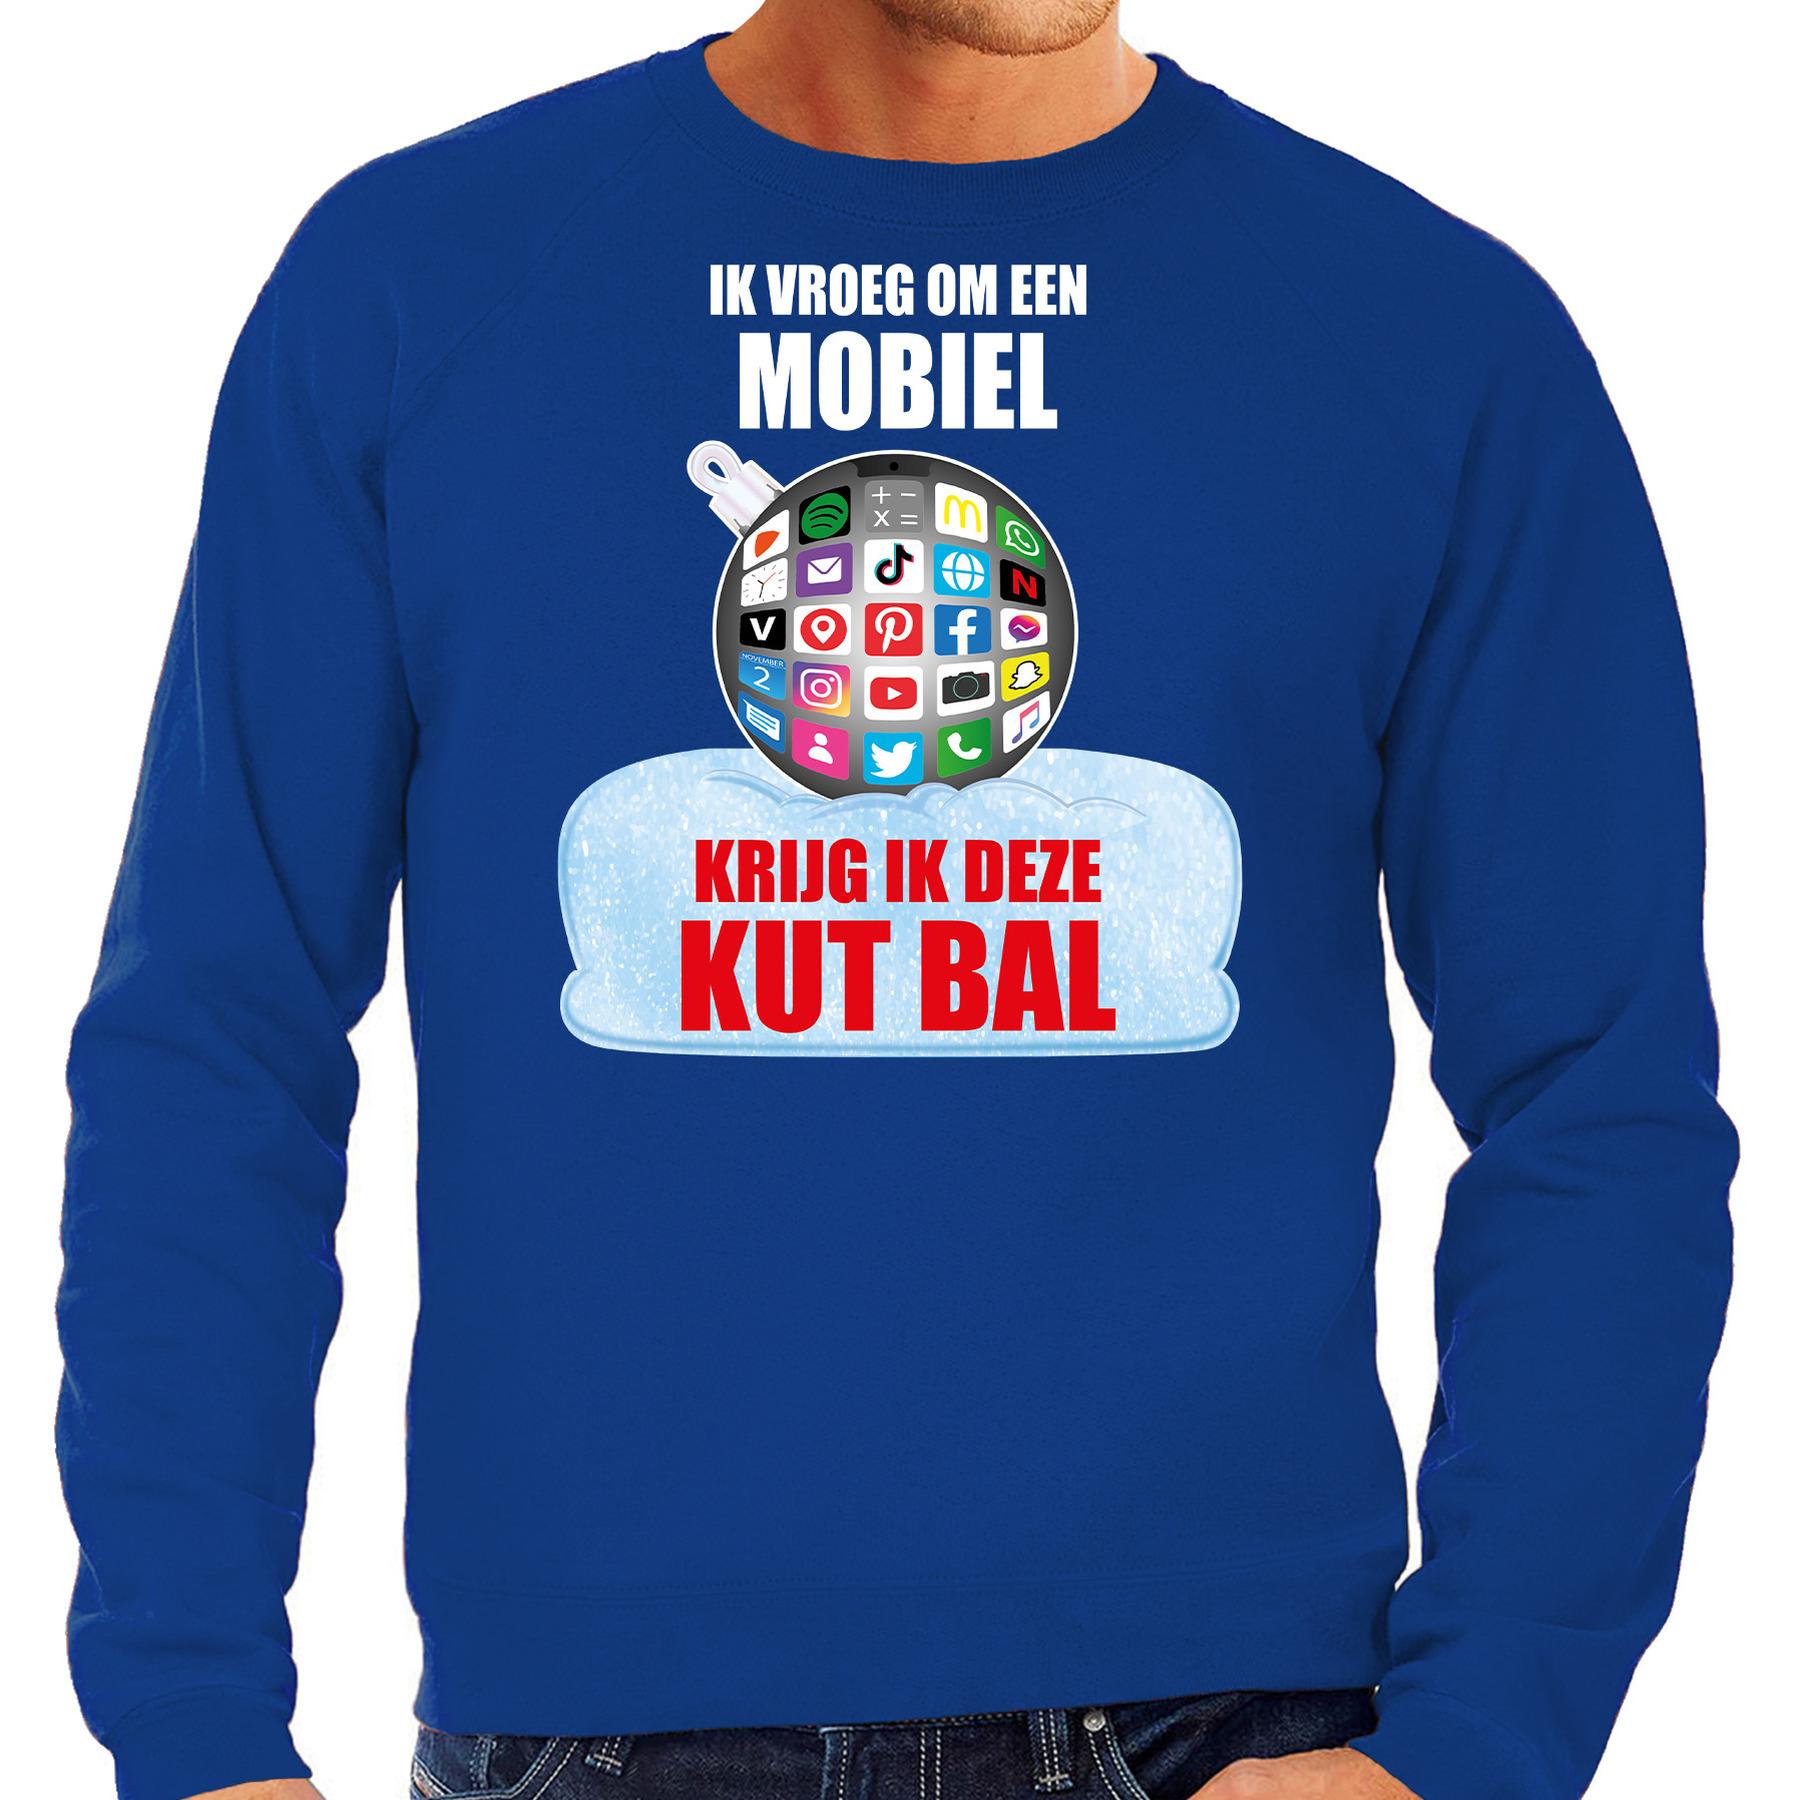 Blauwe Kersttrui - Kerstkleding Ik vroeg om een mobiel krijg ik deze kut bal voor heren met social m